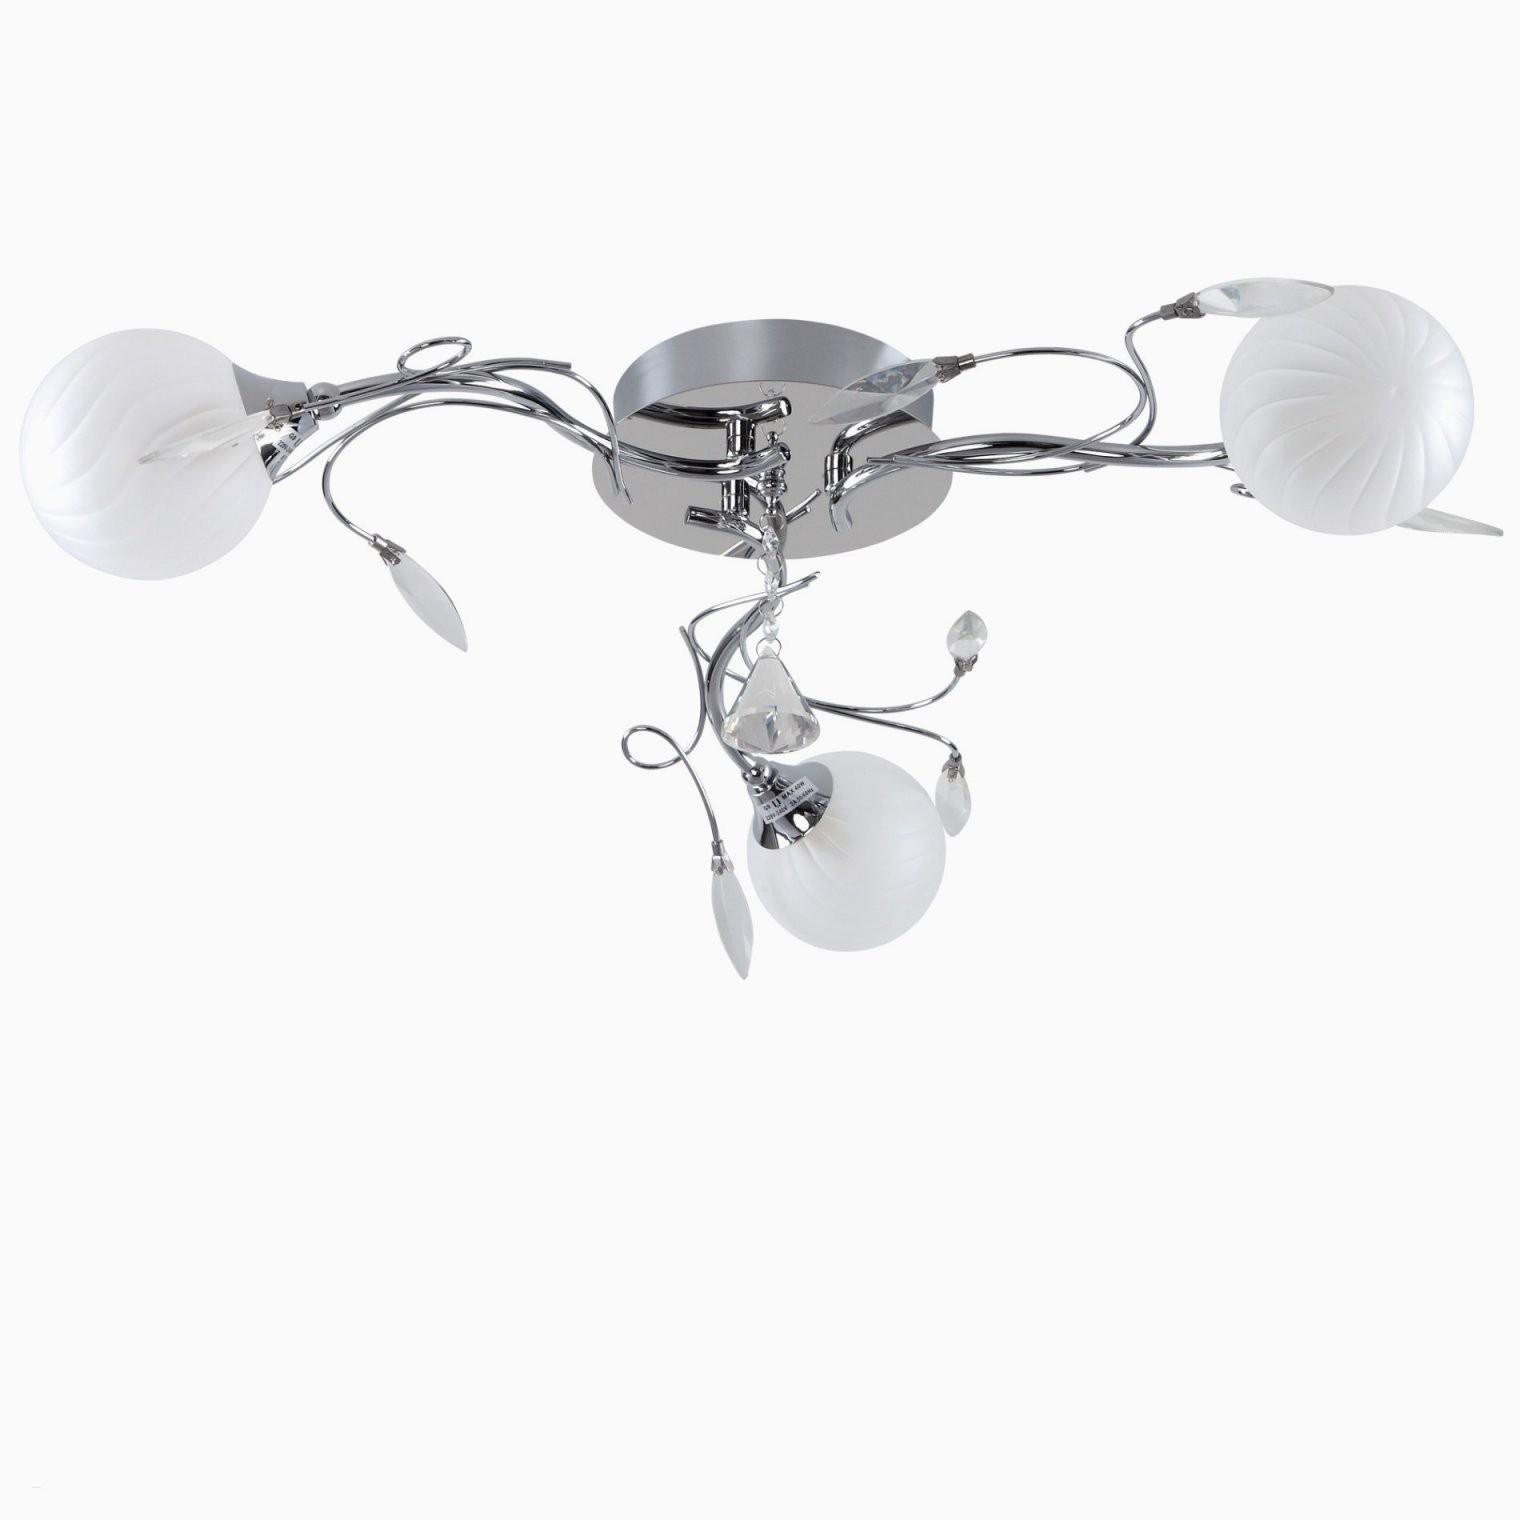 Wandlampe Mit Hals  39 Best Of Wandlampe Mit Schalter Ikea On von Wandlampe Mit Schalter Ikea Bild